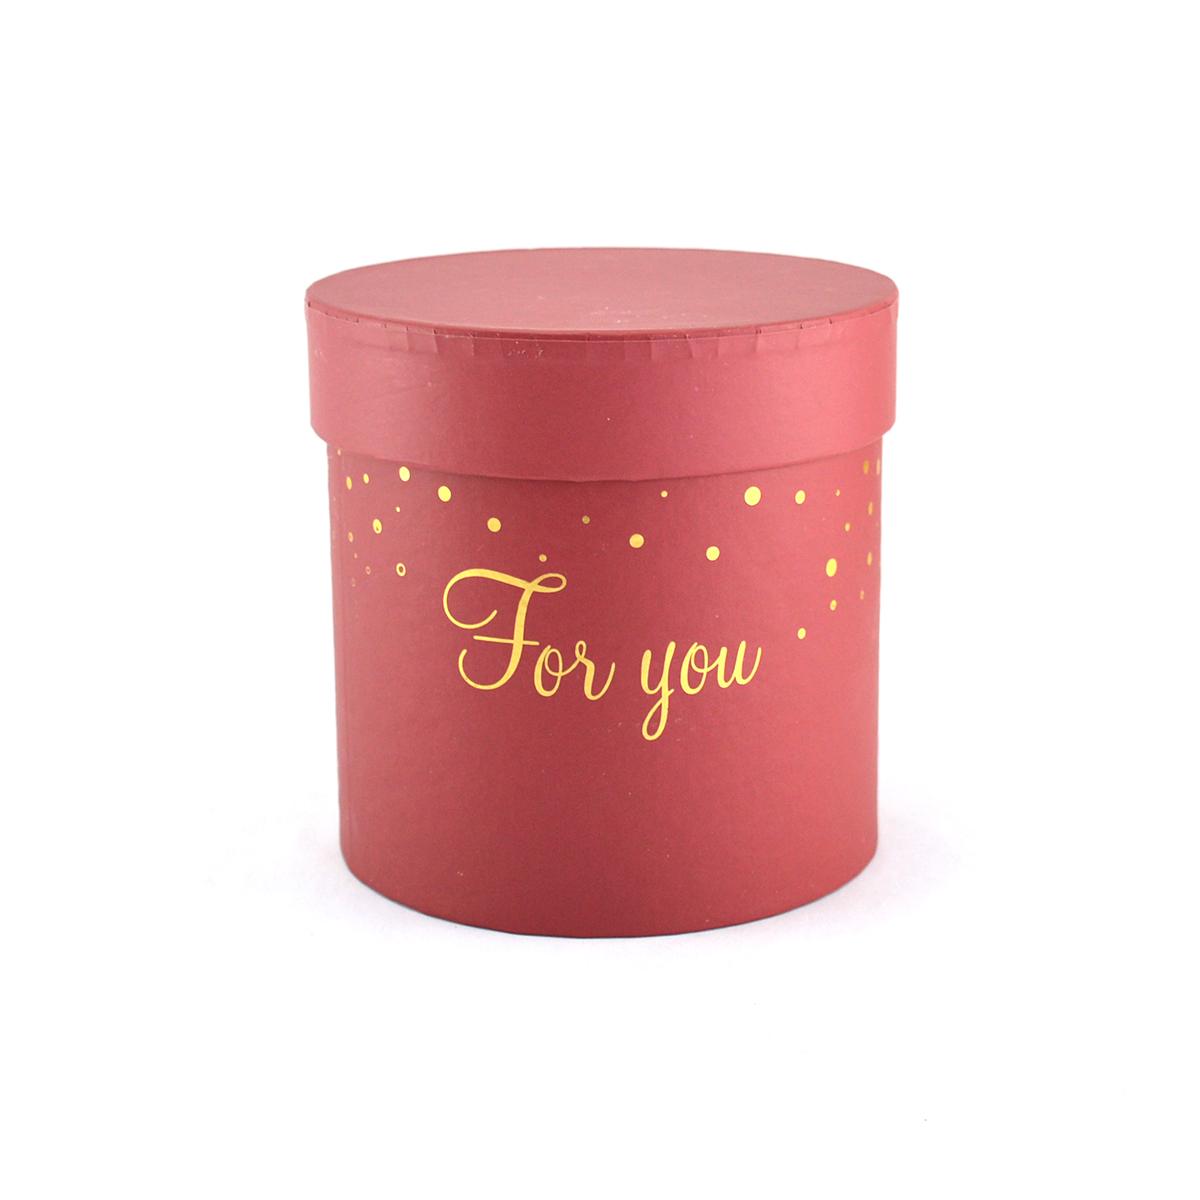 Ambalaje Flori ONLINE vinde Cutie cilindrica fara manere for you rosu inchis la pretul de 8.9 lei